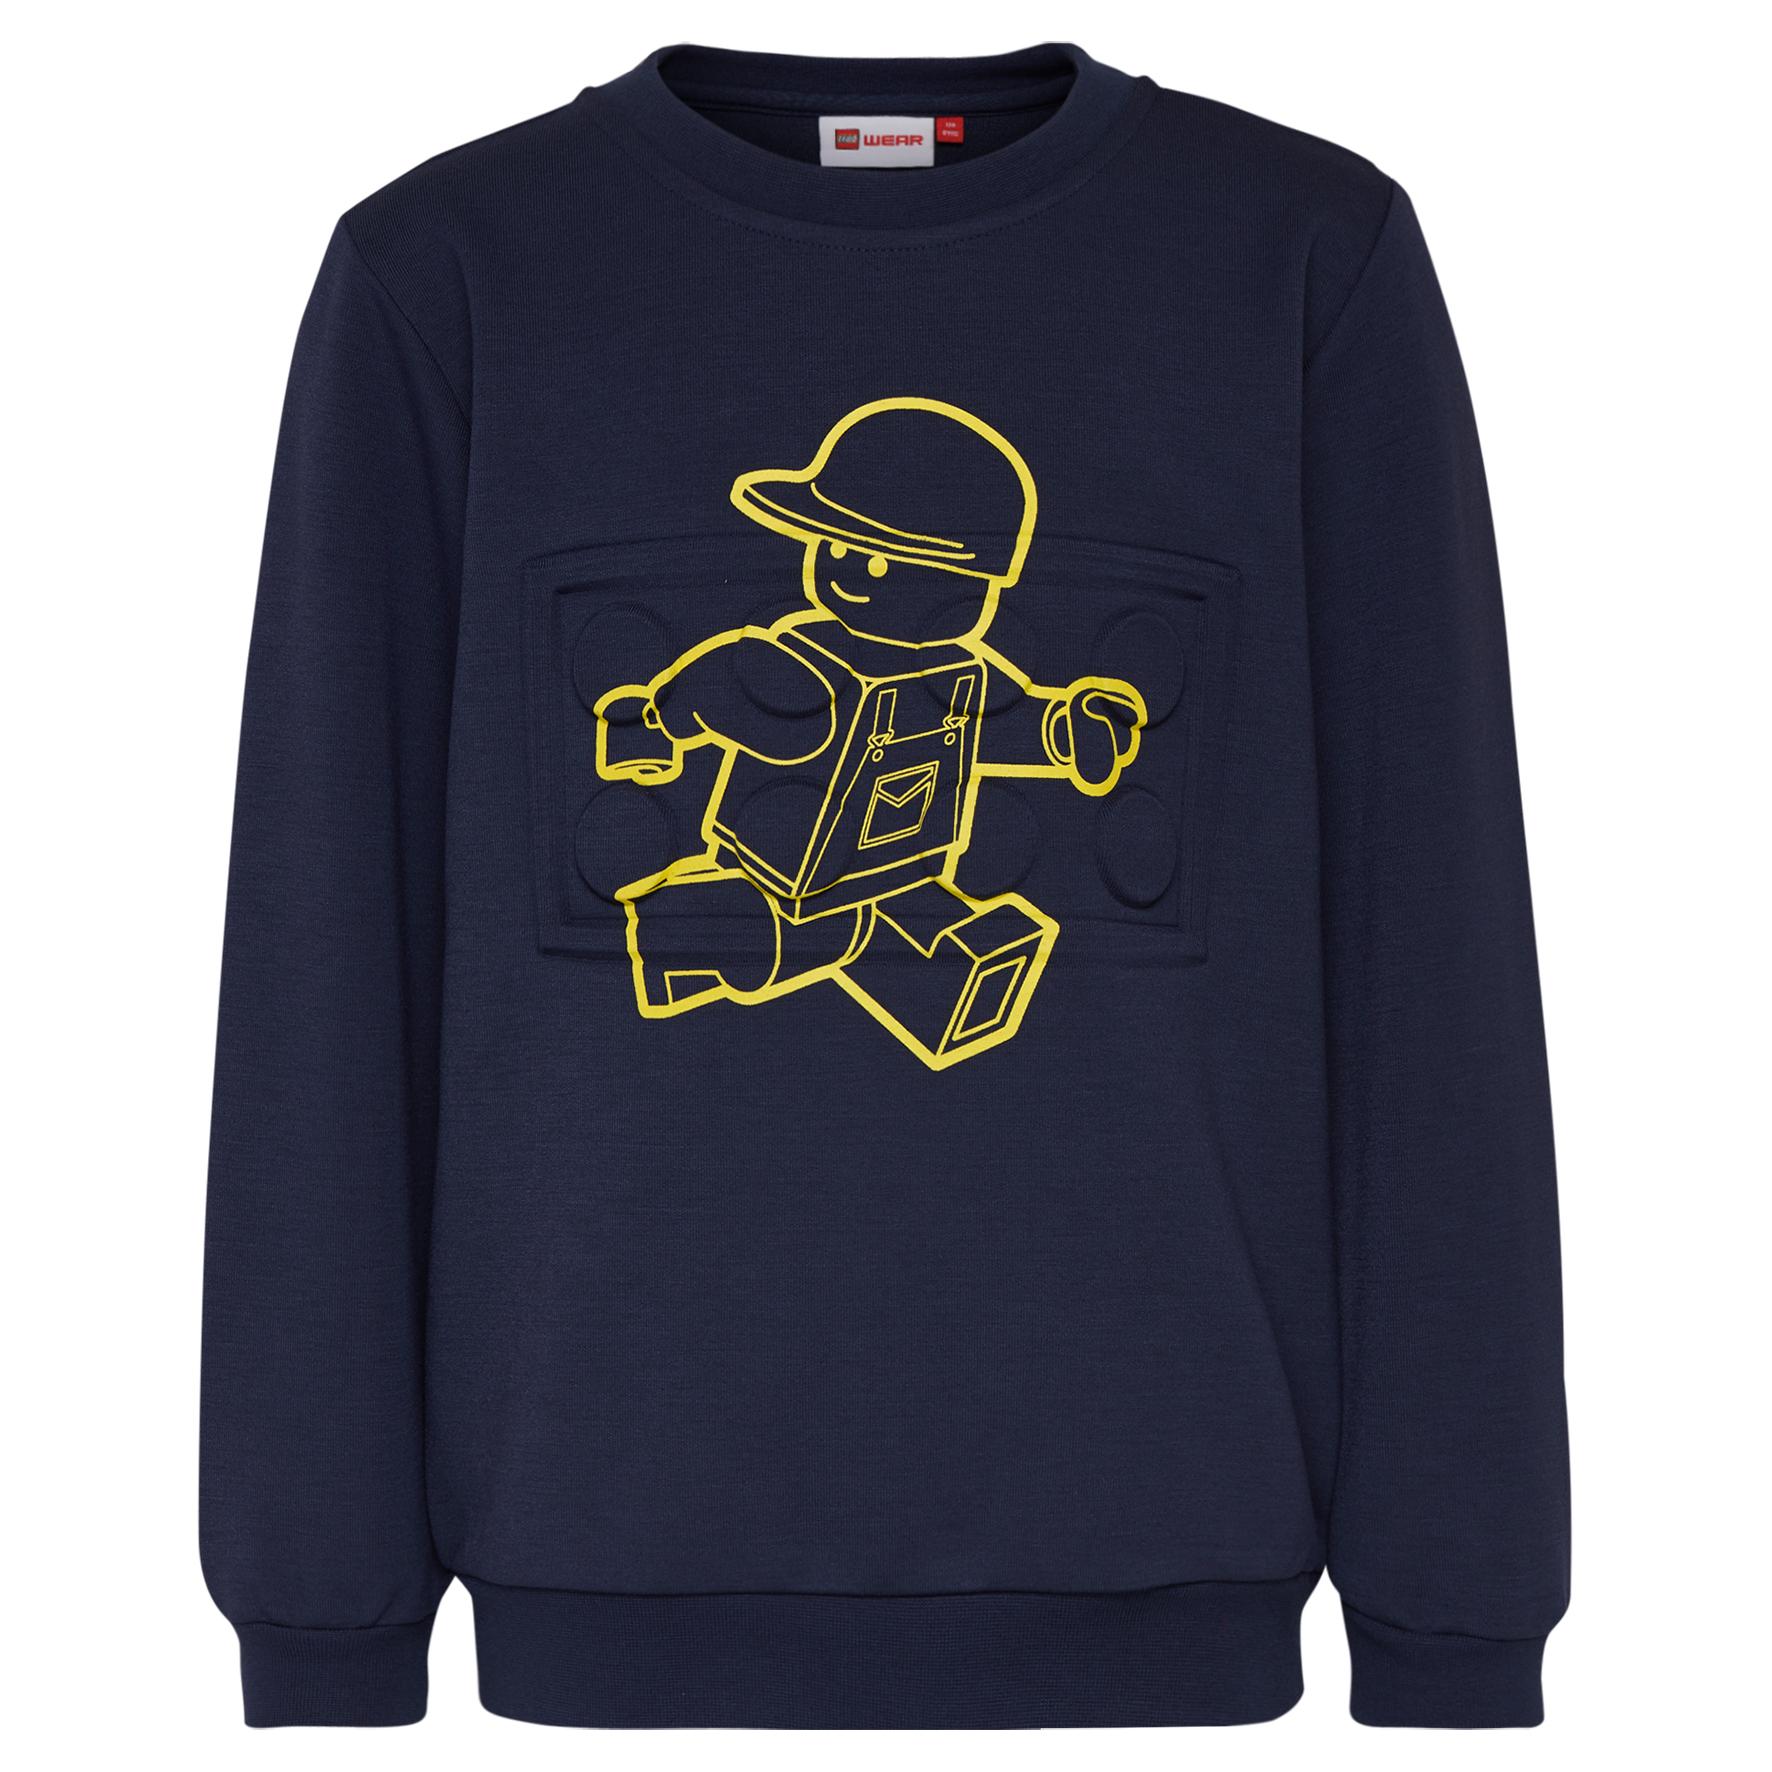 Lego Wear Baby Sweater